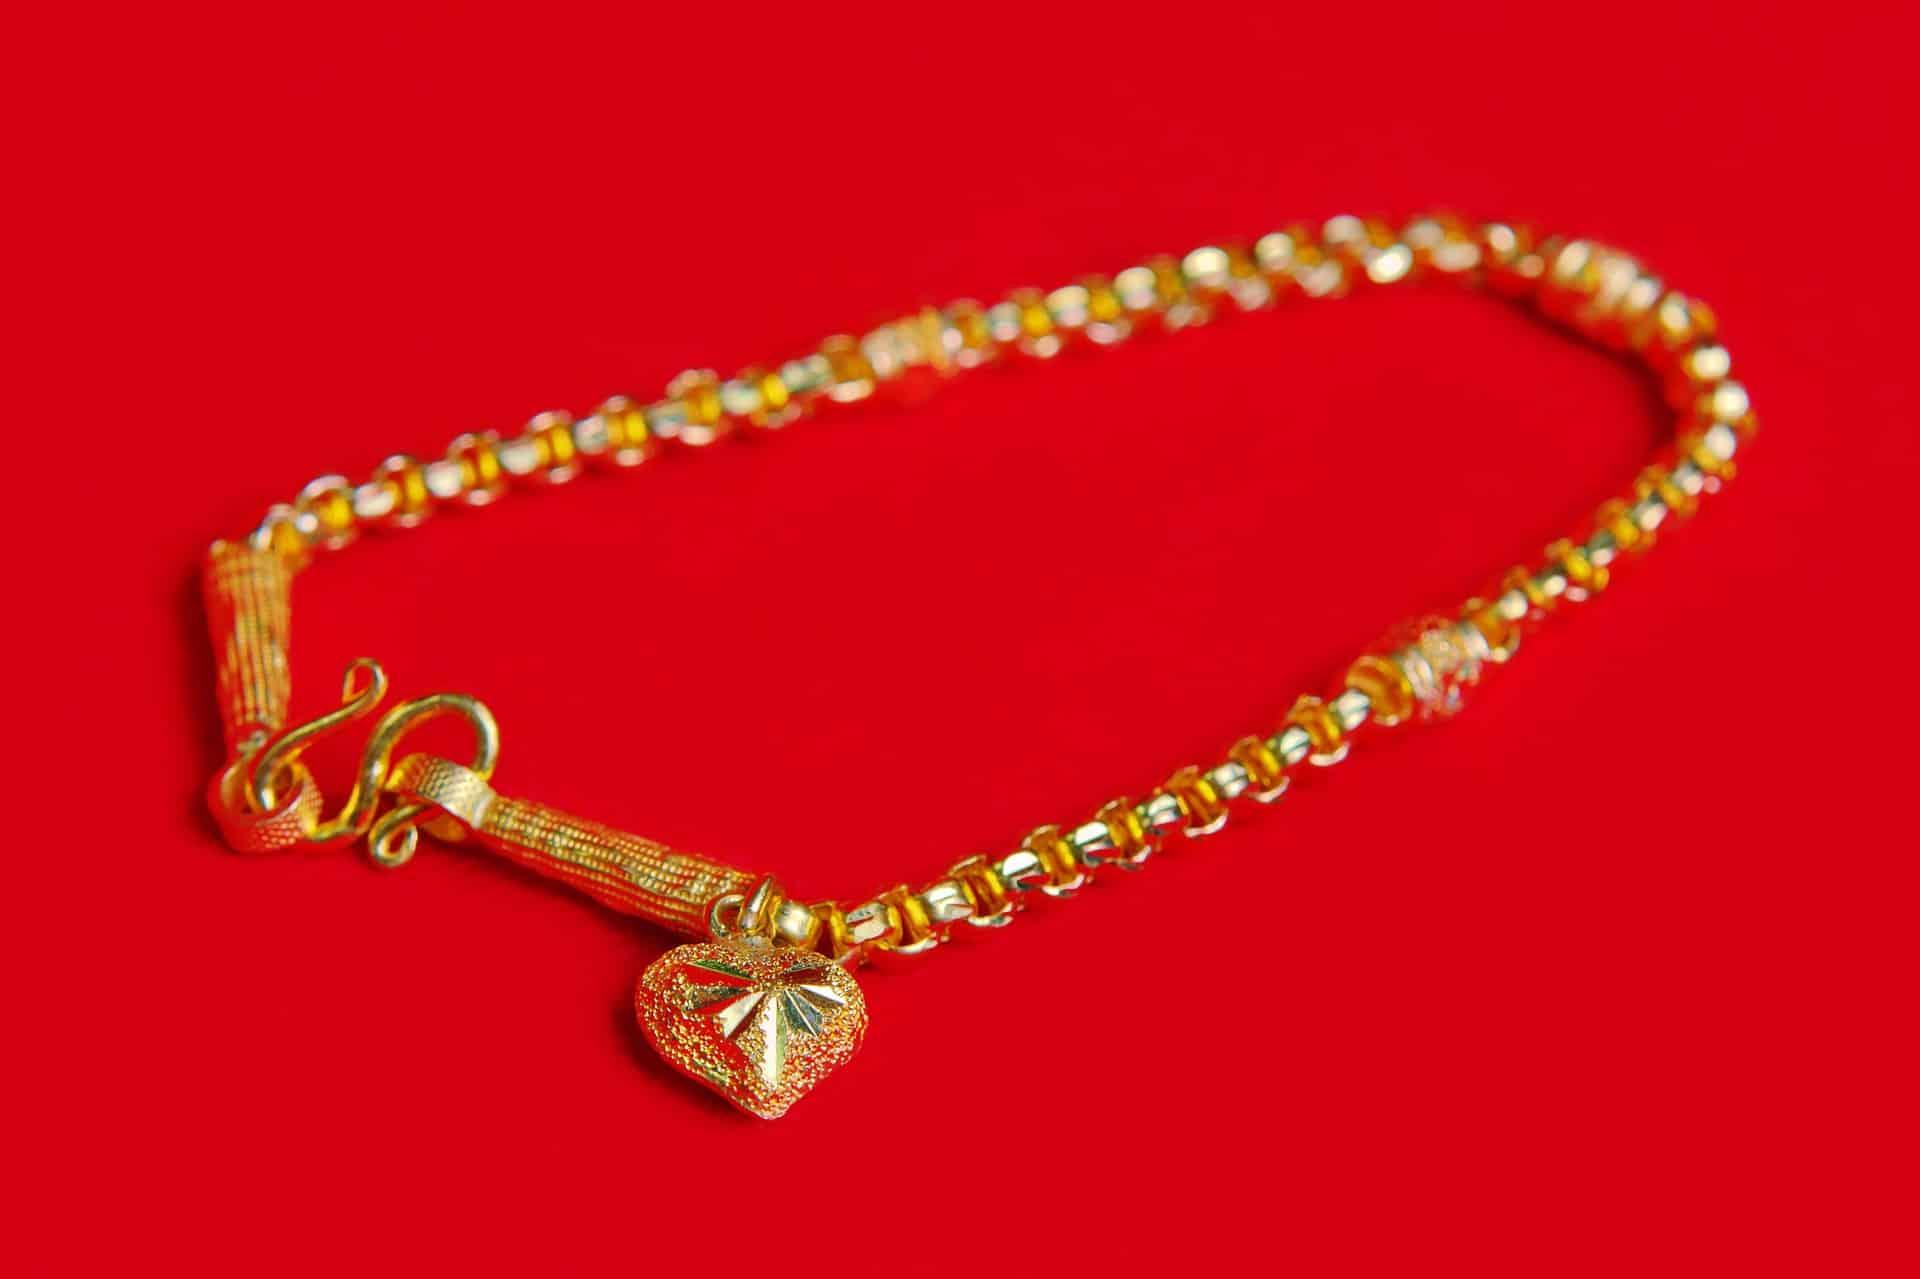 vender joias de ouro partidas ou amassadas